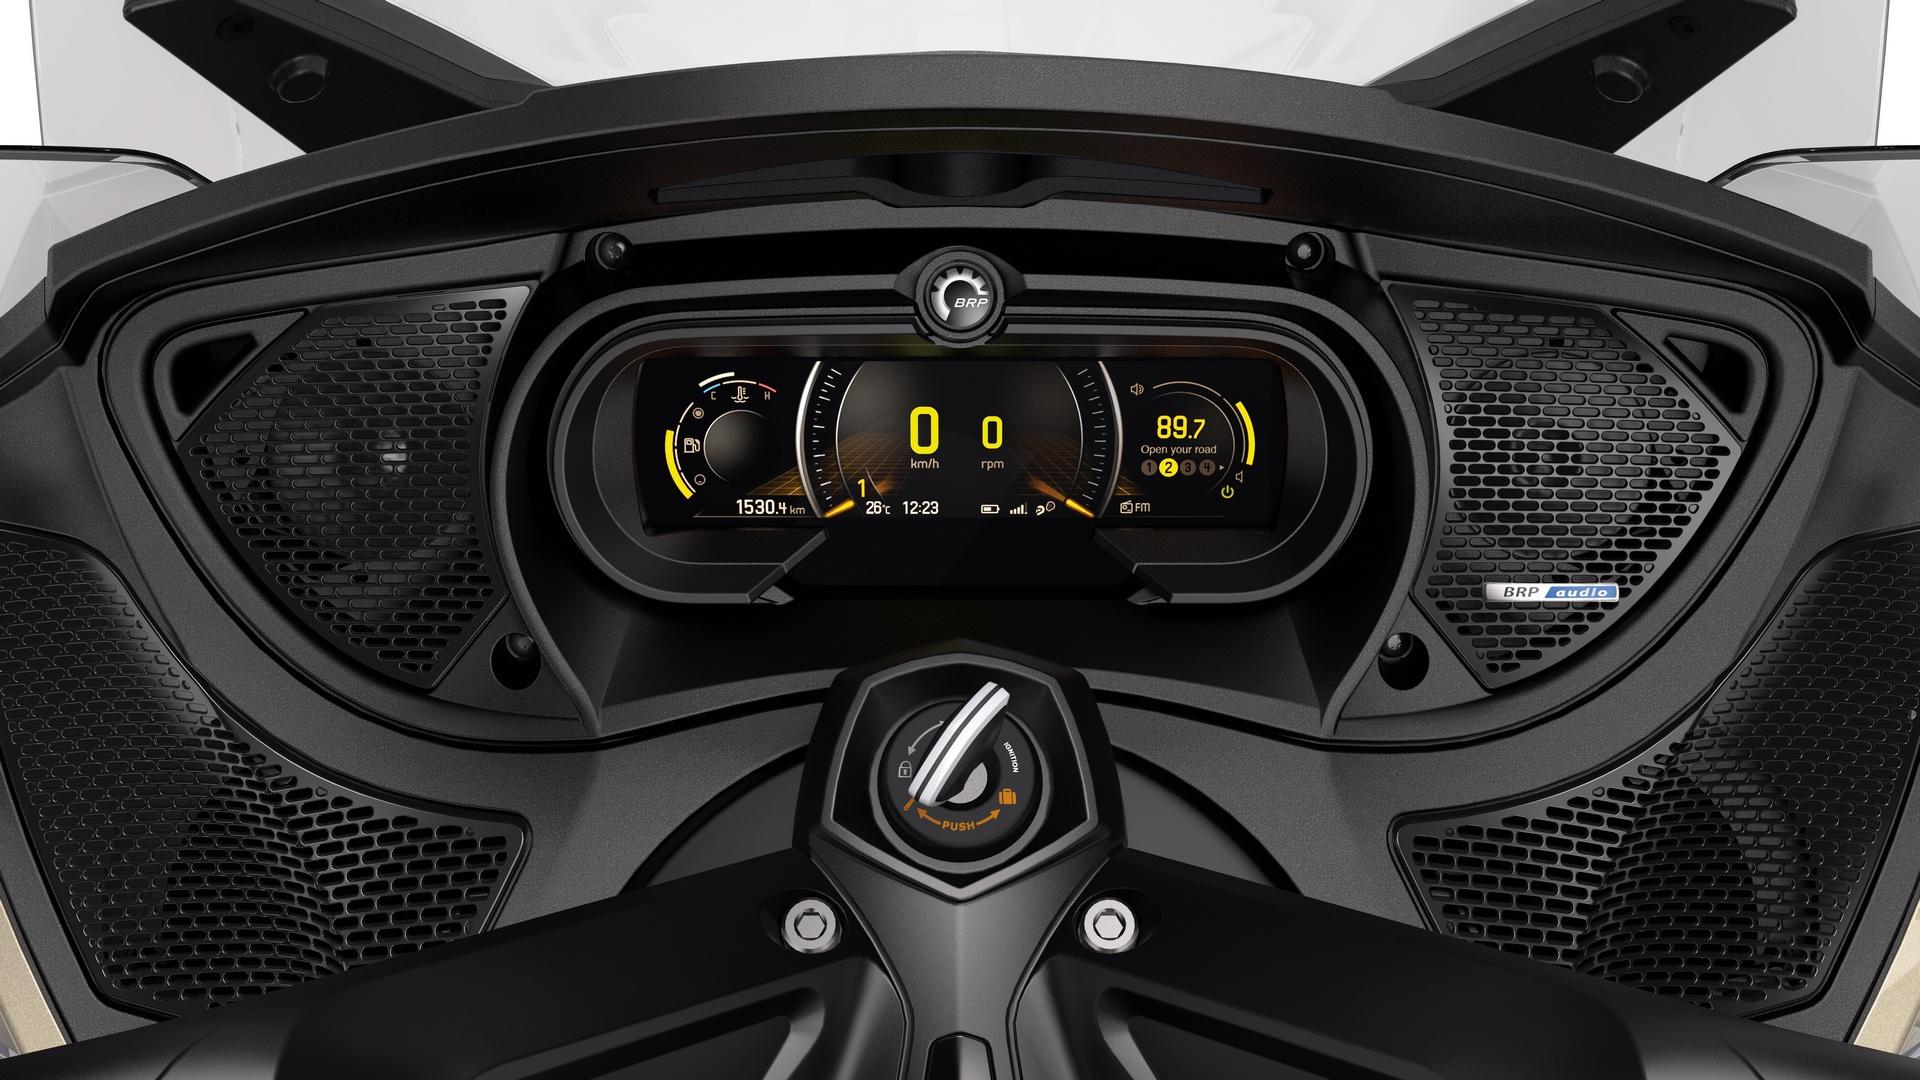 BRP представила нову, повністю цифрову приладову панель на більшості моделей родстерів Can-Am Spyder 2018 р. в.